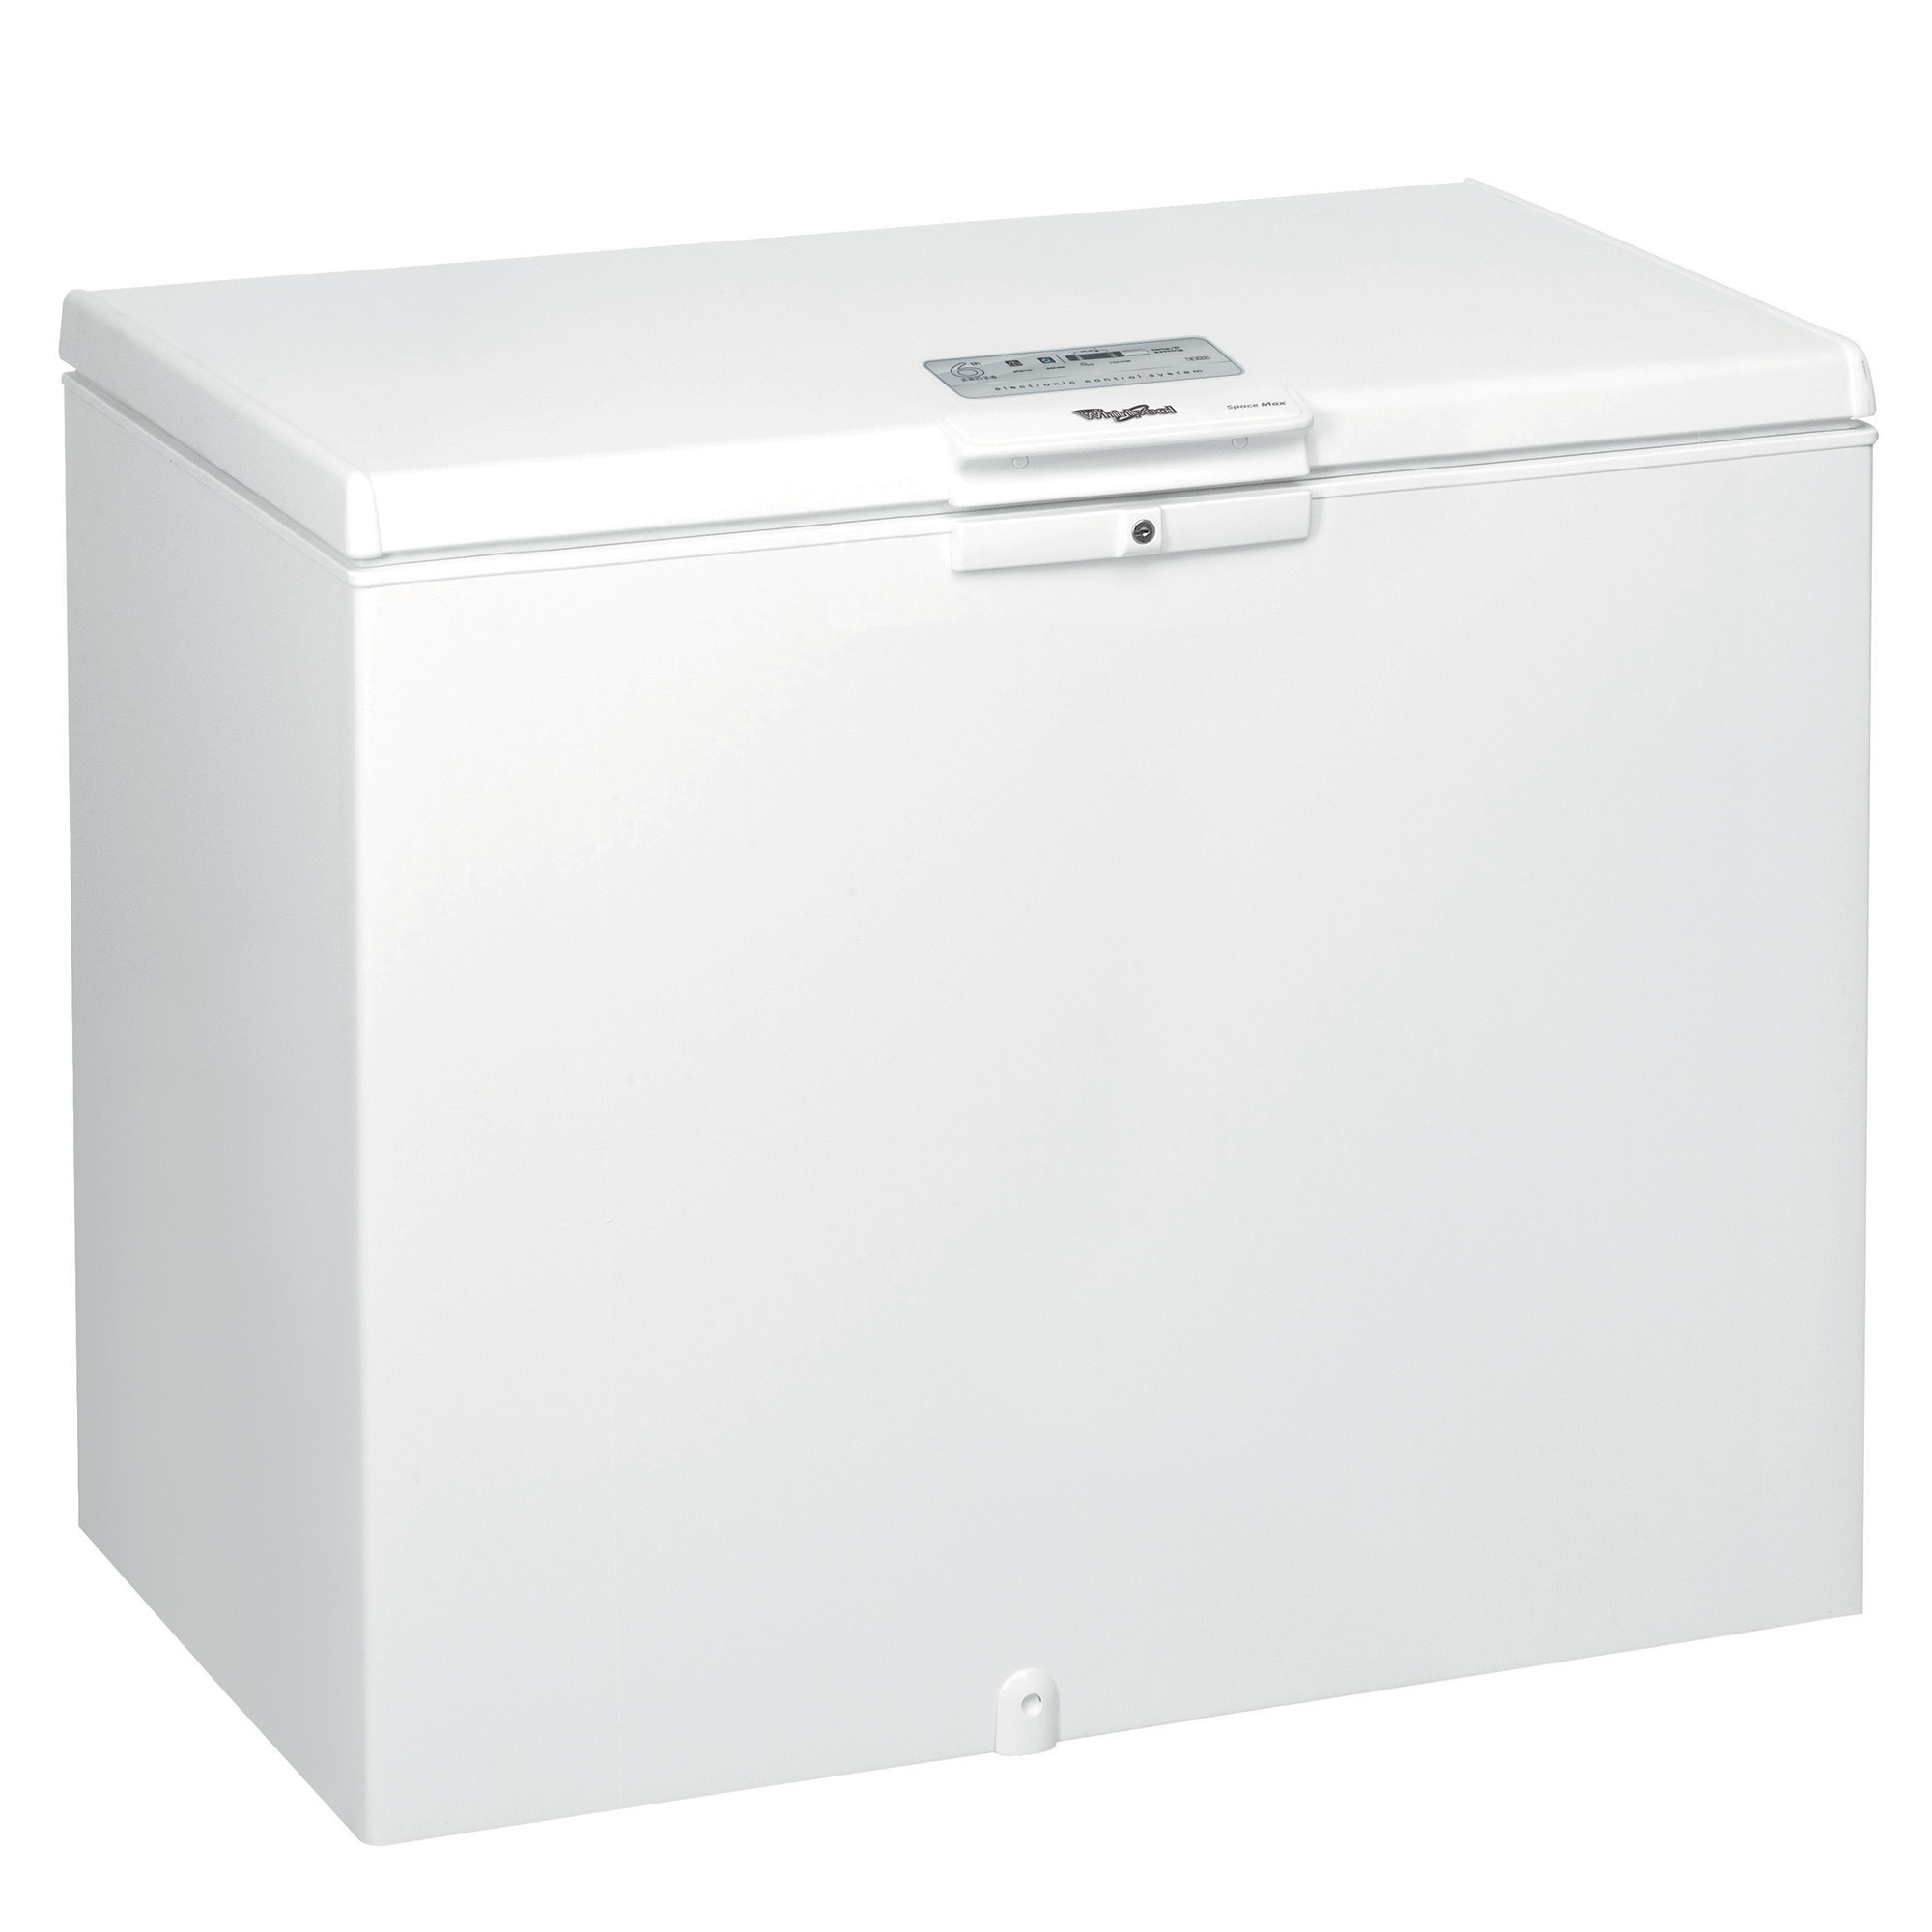 Fotografie Lada frigorifica Whirlpool WHE31352 FO, 311 L, Frost Out, 6th Sense, Alb